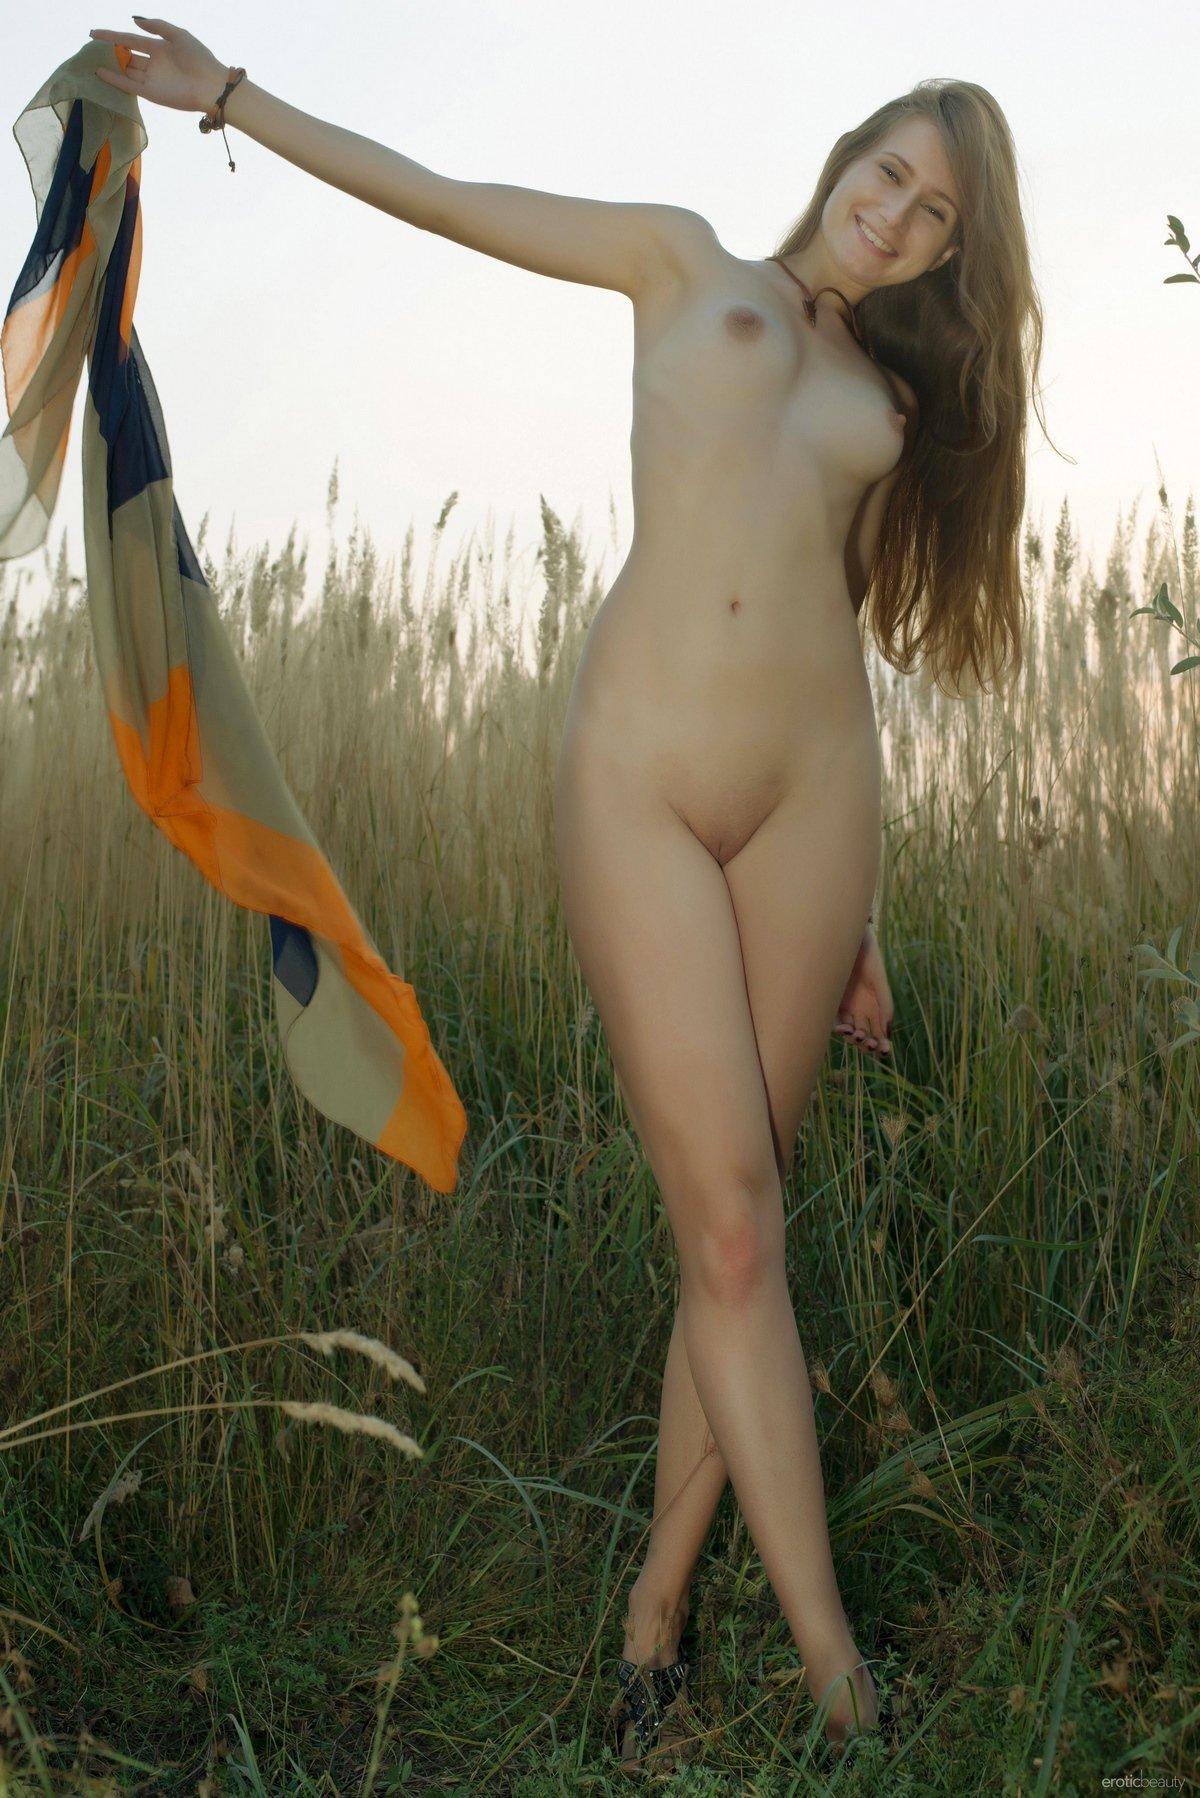 Обнаженная барышня в высокой траве